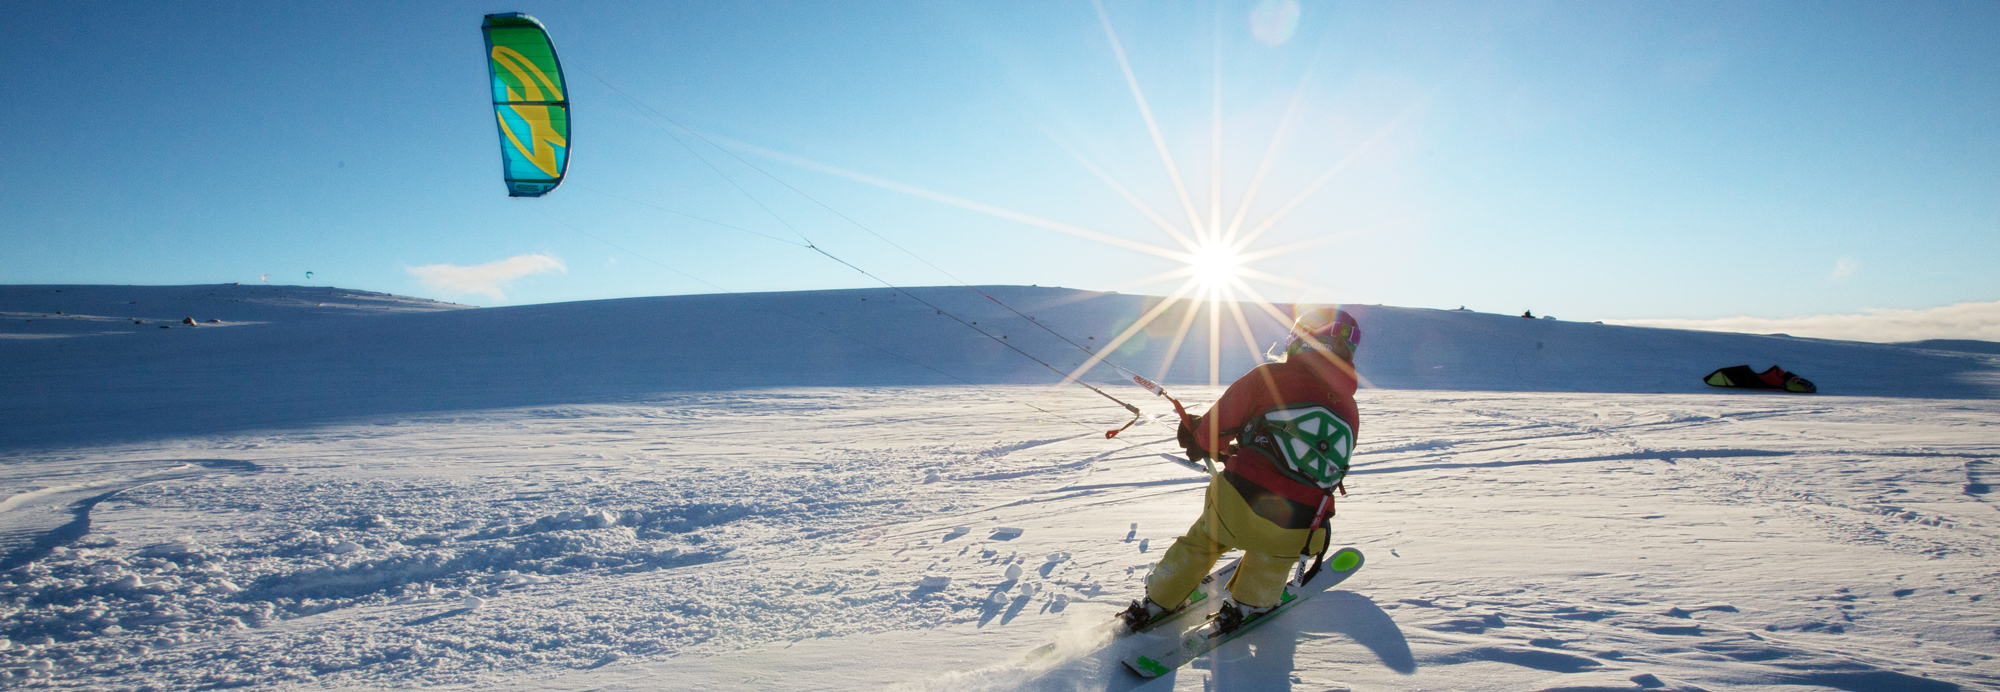 Gjør deg klar til vinteren! Snøkiter og ski er på lager